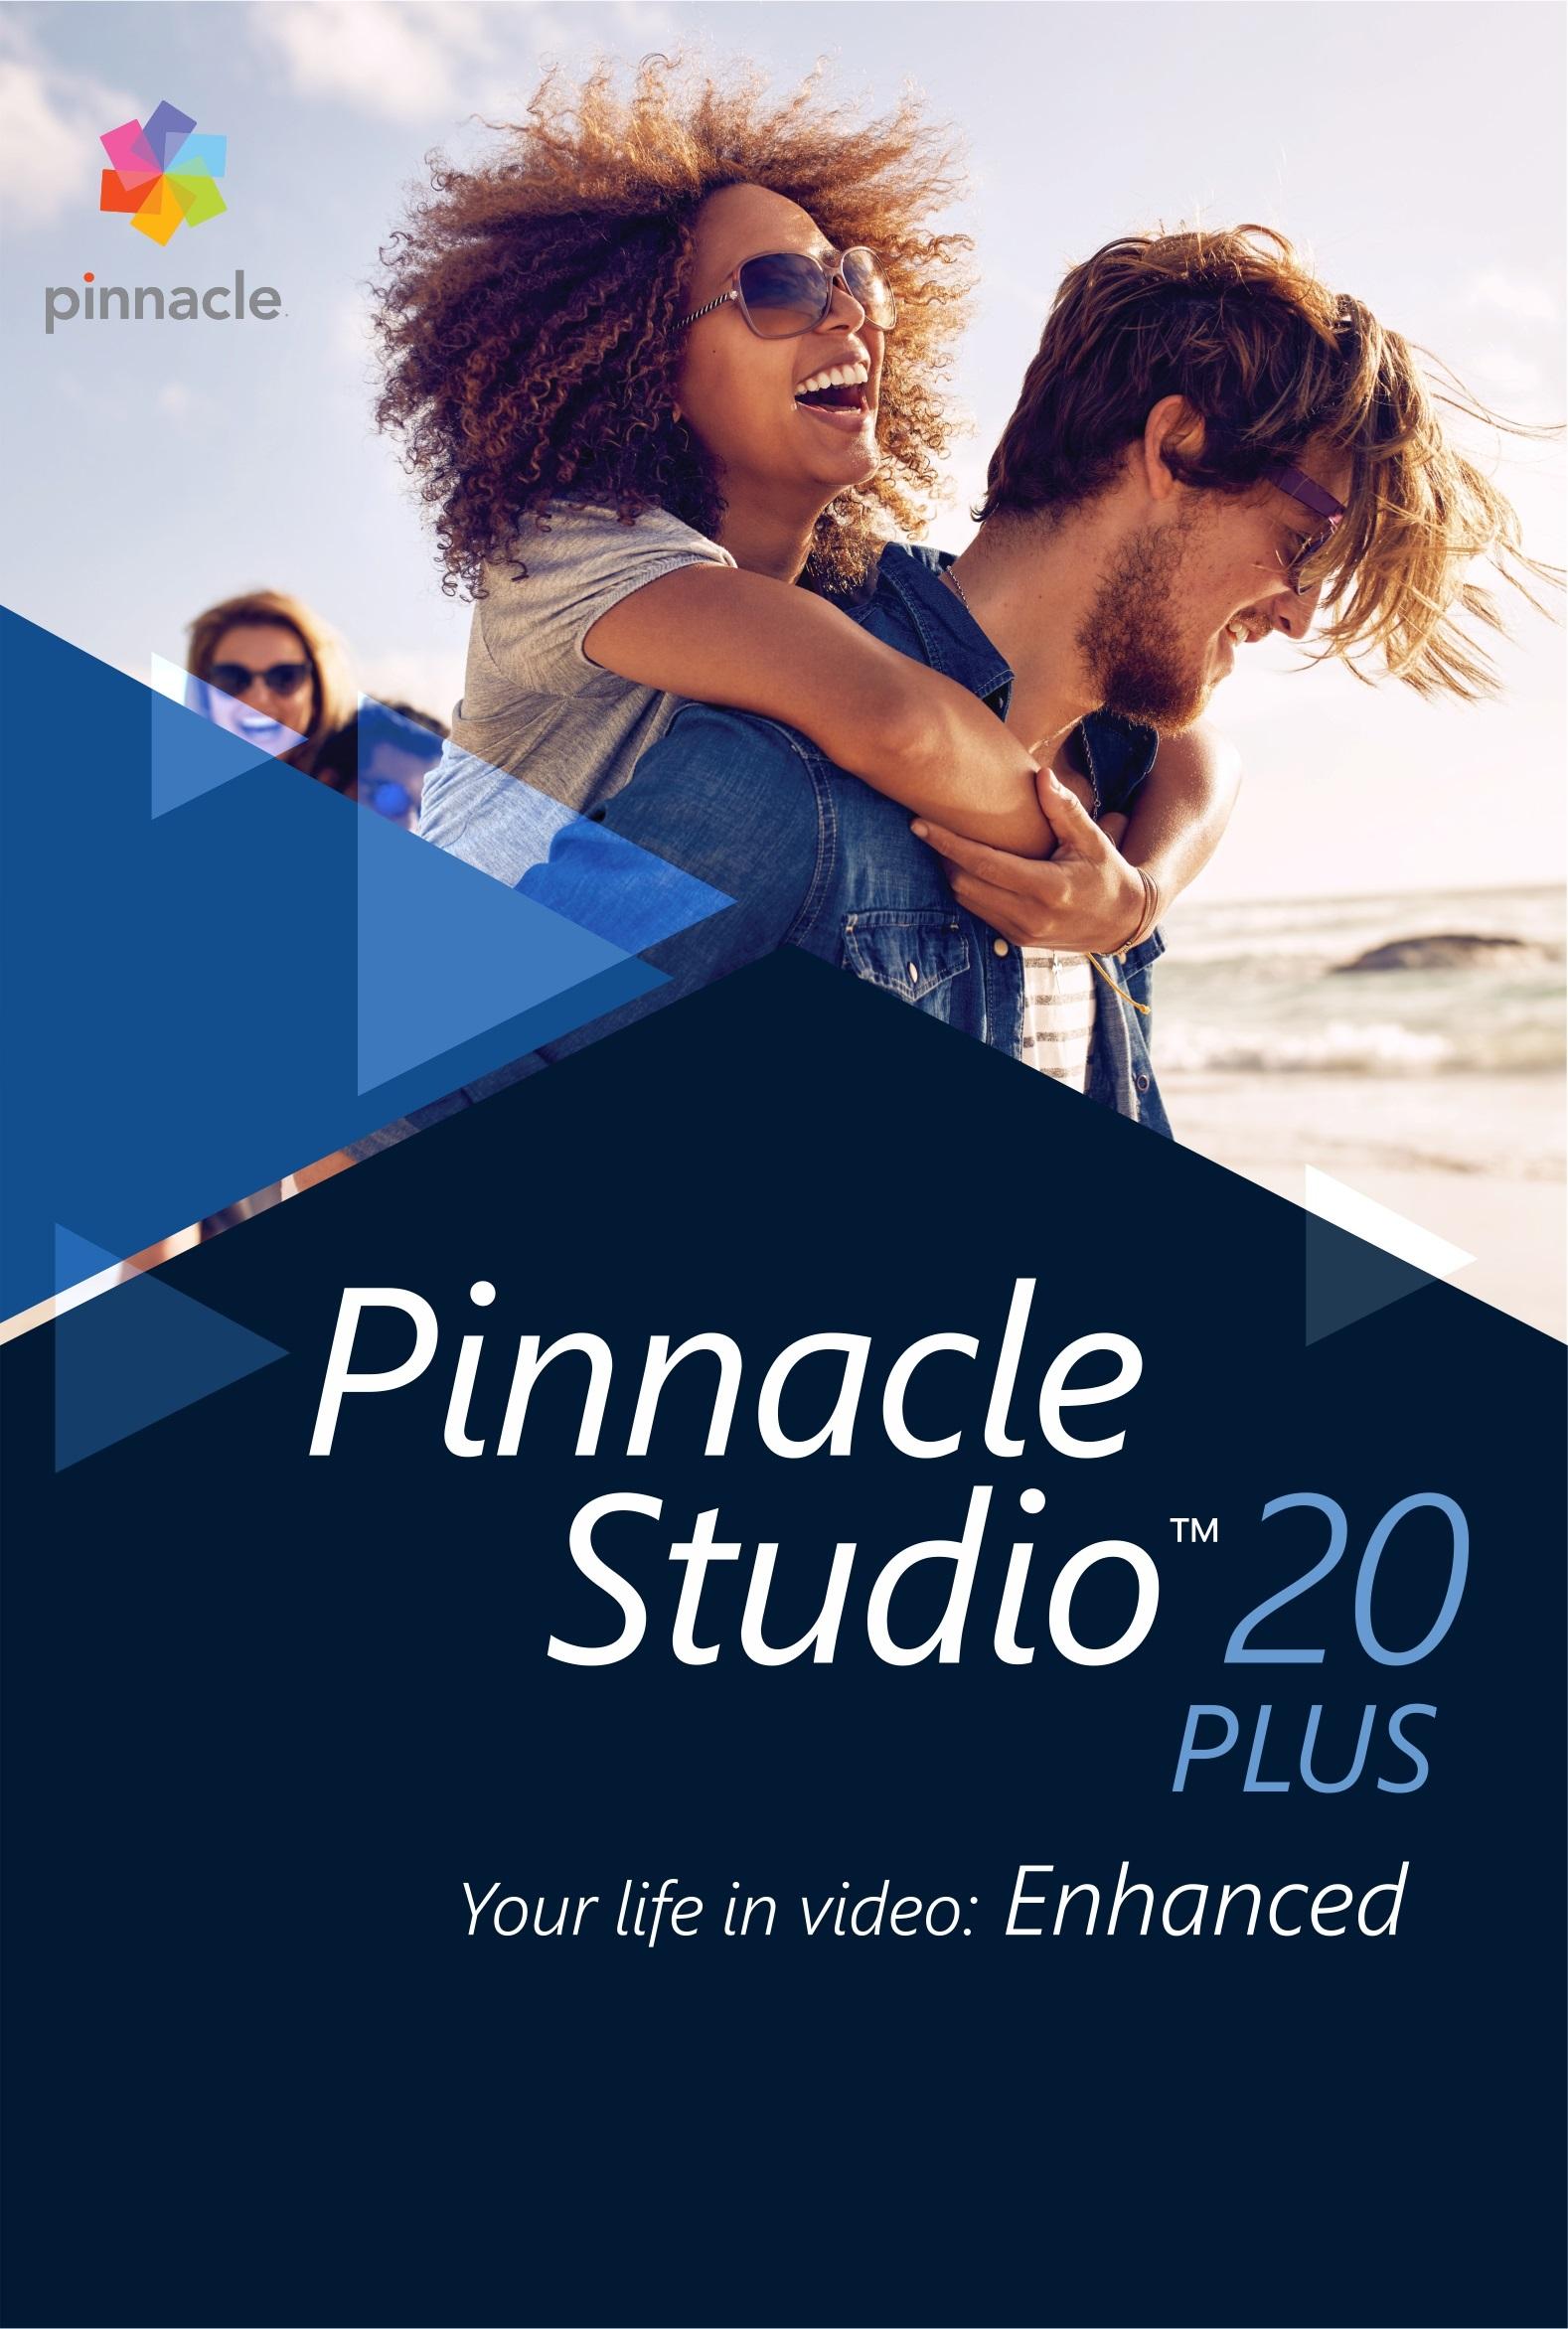 Pinnacle Studio 20 Plus (Цифровая версия)Редактор Pinnacle Studio 20 Plus поддерживает одновременную работу над видеорядами с четырёх камер: монтаж, добавление переходов, синхронизацию звуковой дорожки с помощью функции Audio Syncing.<br>